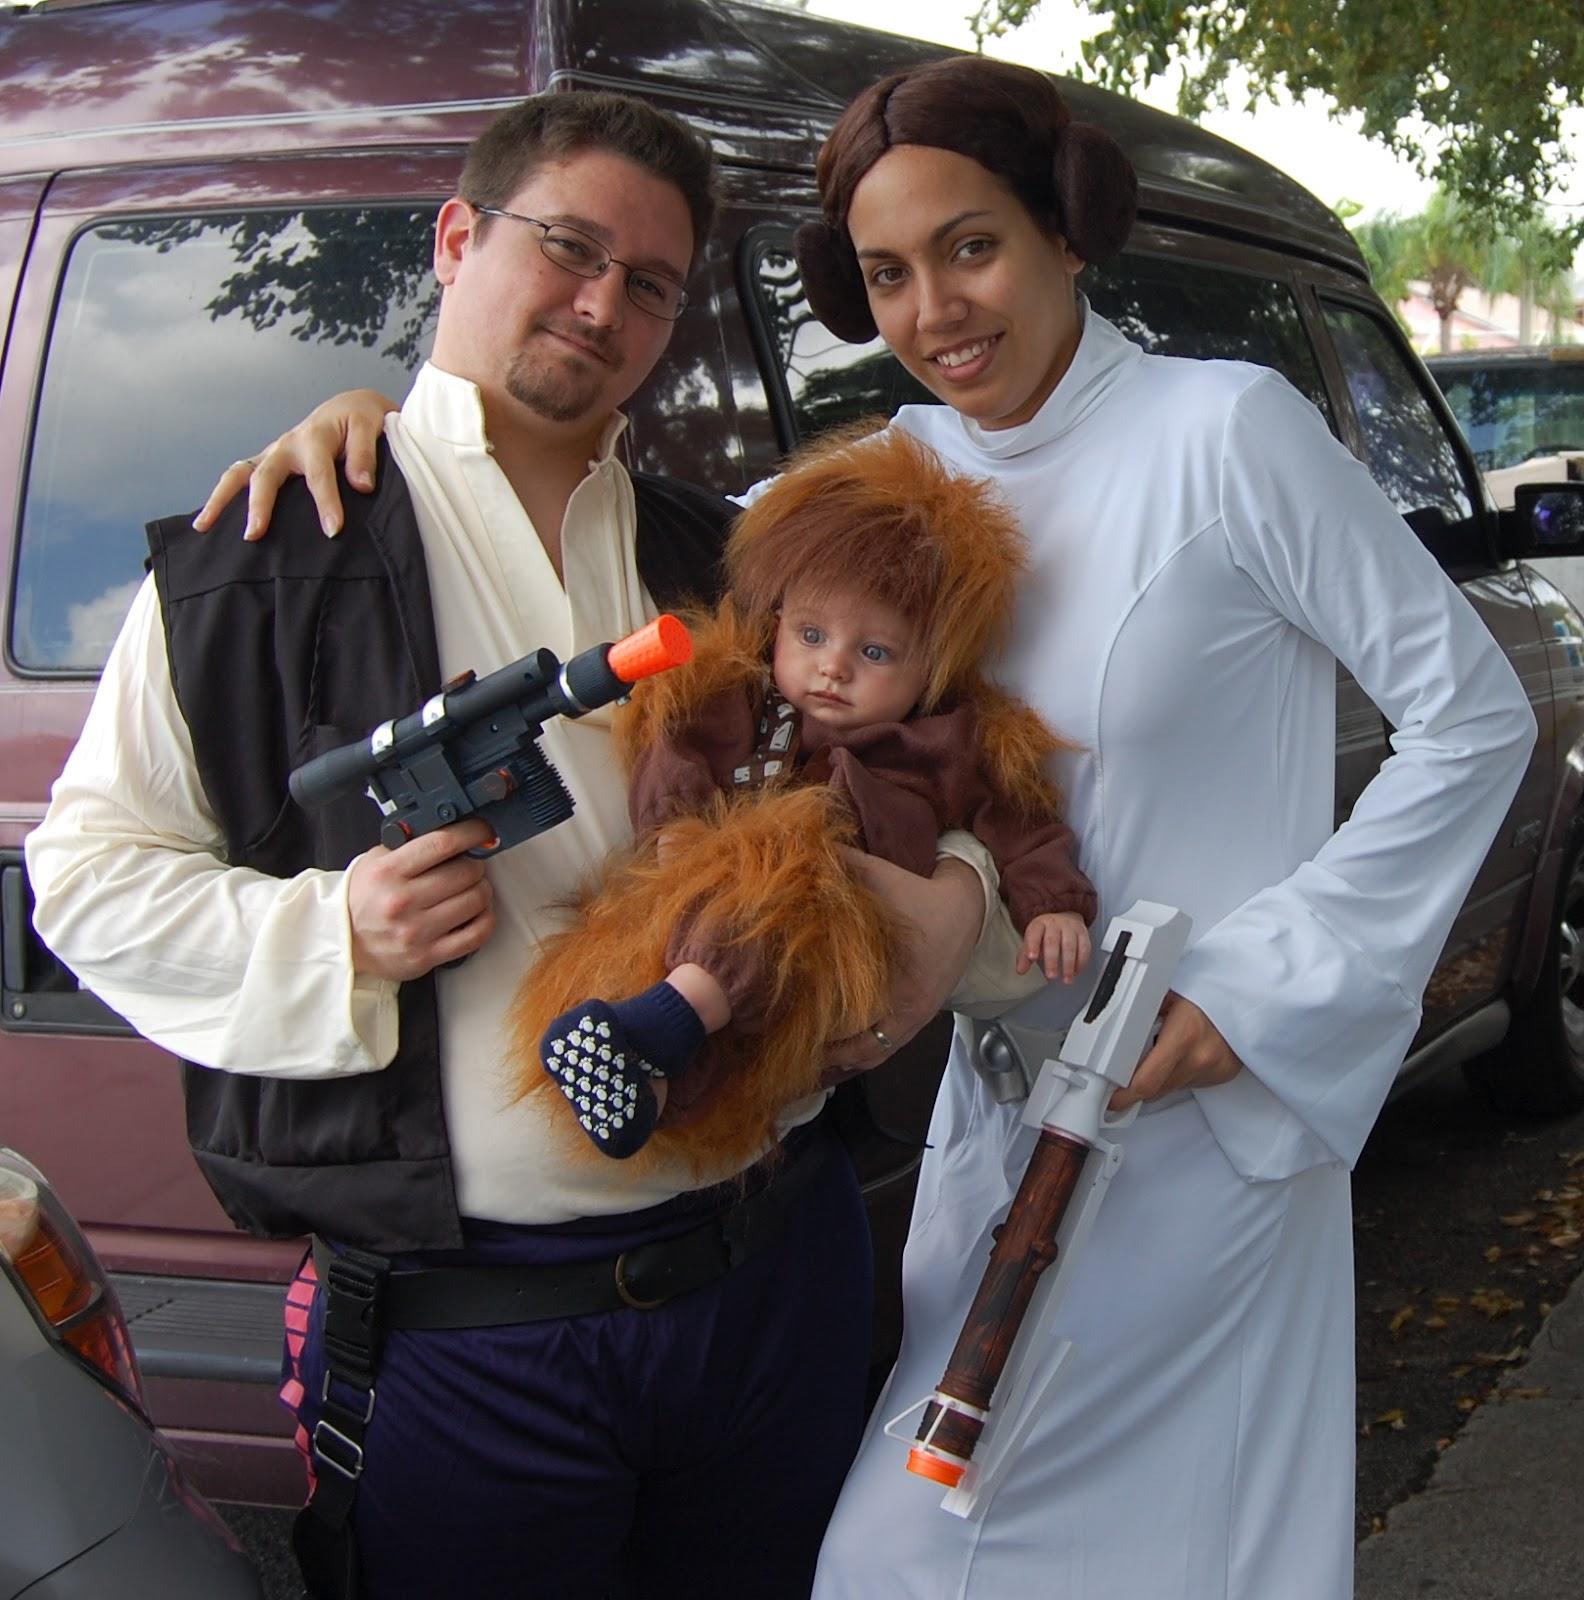 Han Solo Princess Leia Costume ...  sc 1 st  cruiseshipdjs.info & Han Solo Princess Leia Costume